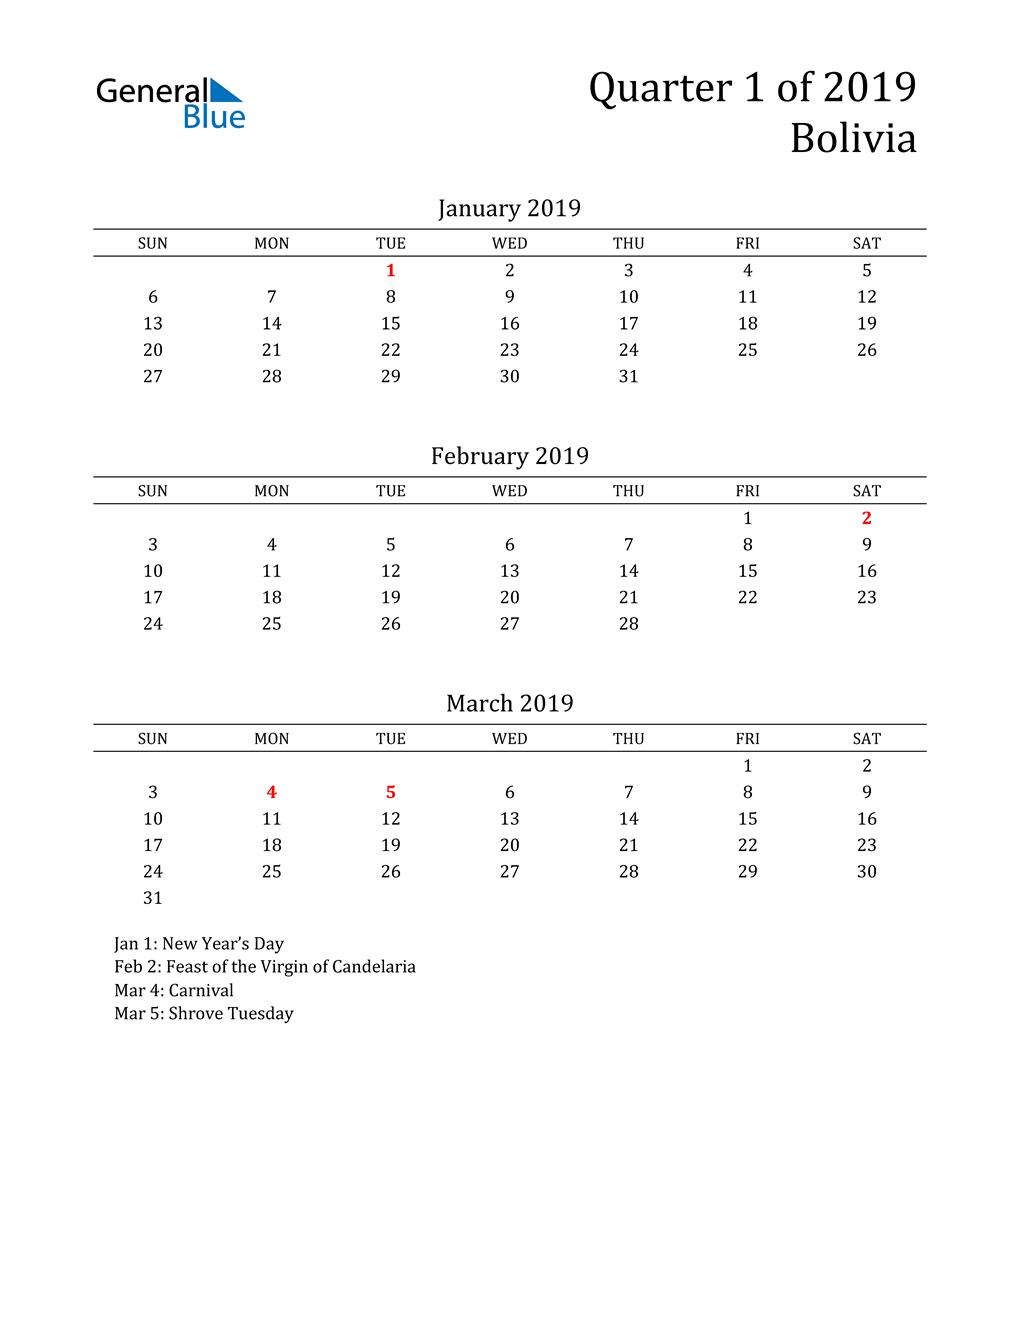 2019 Bolivia Quarterly Calendar